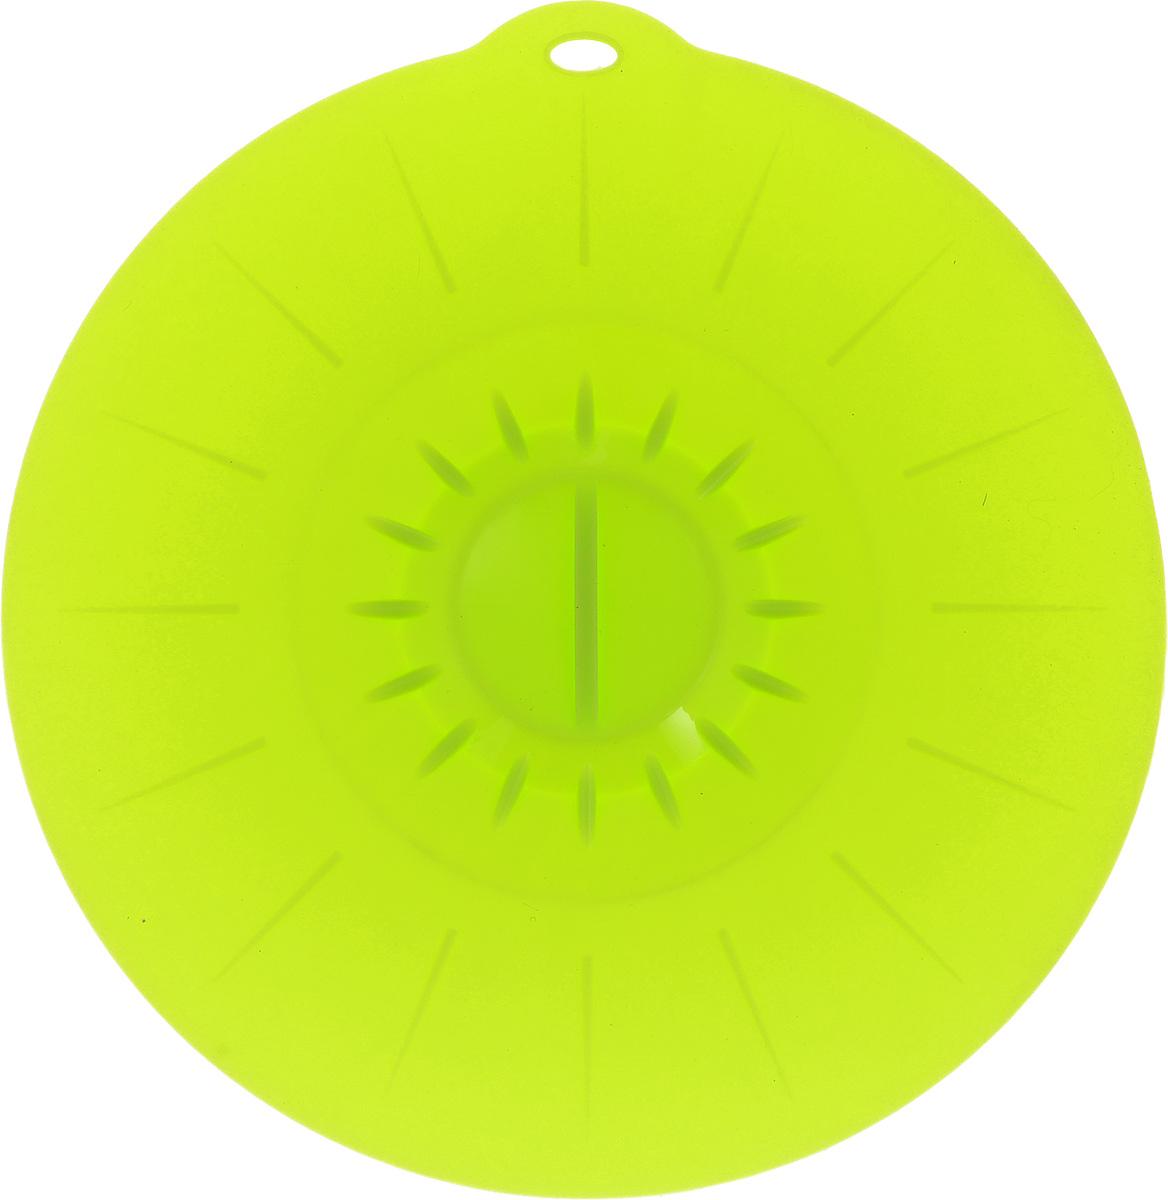 Крышка вакуумная Идея, силиконовая, цвет: салатовый. Диаметр 26 смKRY-26_салатовыйВакуумная крышка Идея, выполненная из пищевого силикона, предназначена для герметичного закрытия любой посуды. Крышка плотно прилегает к краям емкости, ограничивая доступ воздуха внутрь, благодаря этому ваши продукты останутся свежими гораздо дольше. Основные свойства: - выдерживает температуру от -40°С до +240°С, - невозможно разбить, - легко моется, - не деформируется при хранении в свернутом виде, - имеет долгий срок службы, сохраняя свой первоначальный вид, - не выделяет вредных веществ при нагревании или охлаждении, - не впитывает запахи, - не вступает в химическую реакцию с продуктами, - безопасна при использовании в микроволновой печи, в духовке и морозильной камере. Такая крышка станет незаменимым помощником на вашей кухне.